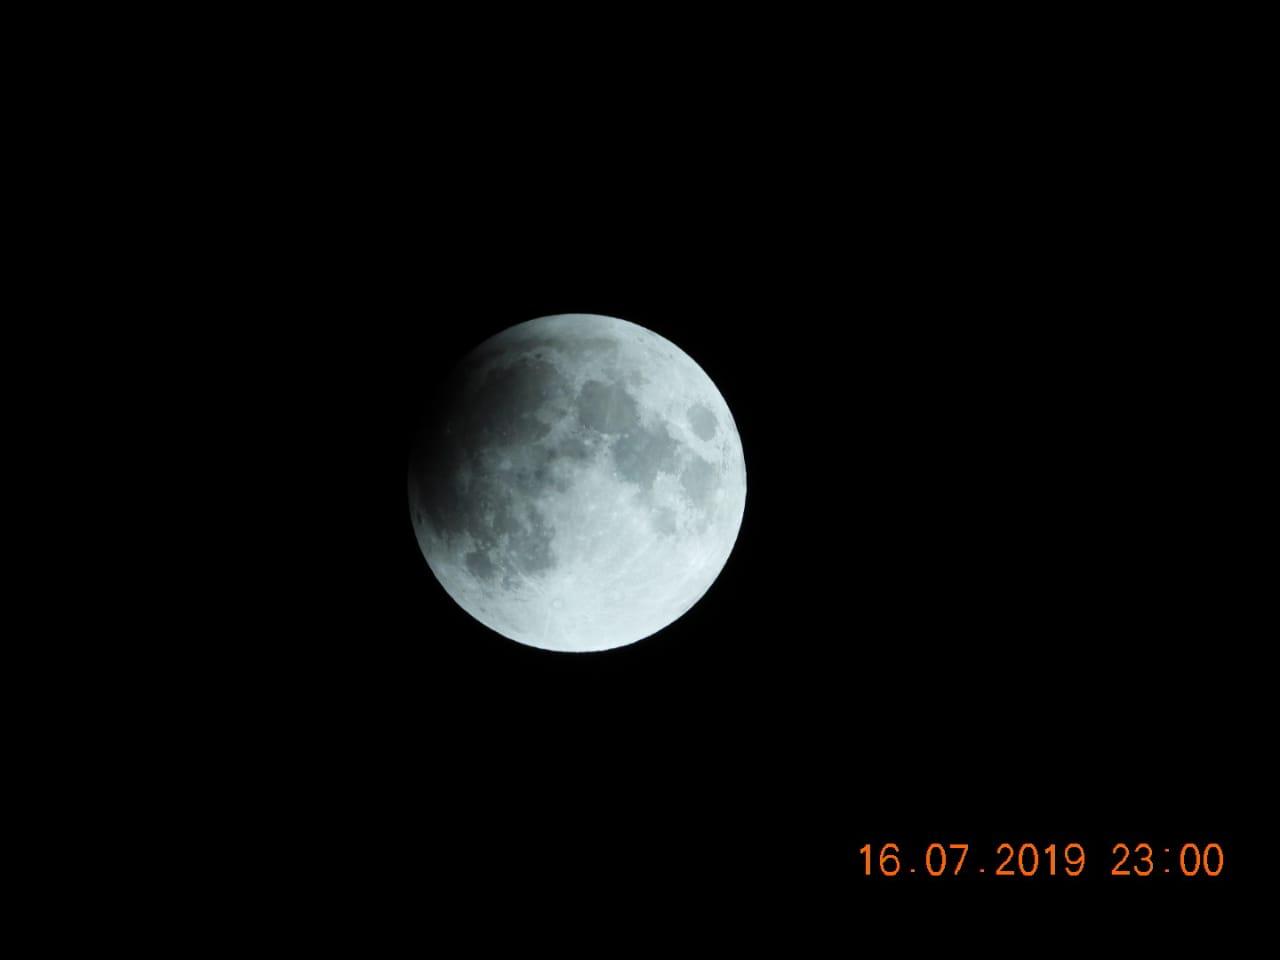 بدء الخسوف الجزئي للقمر في سماء الأردن